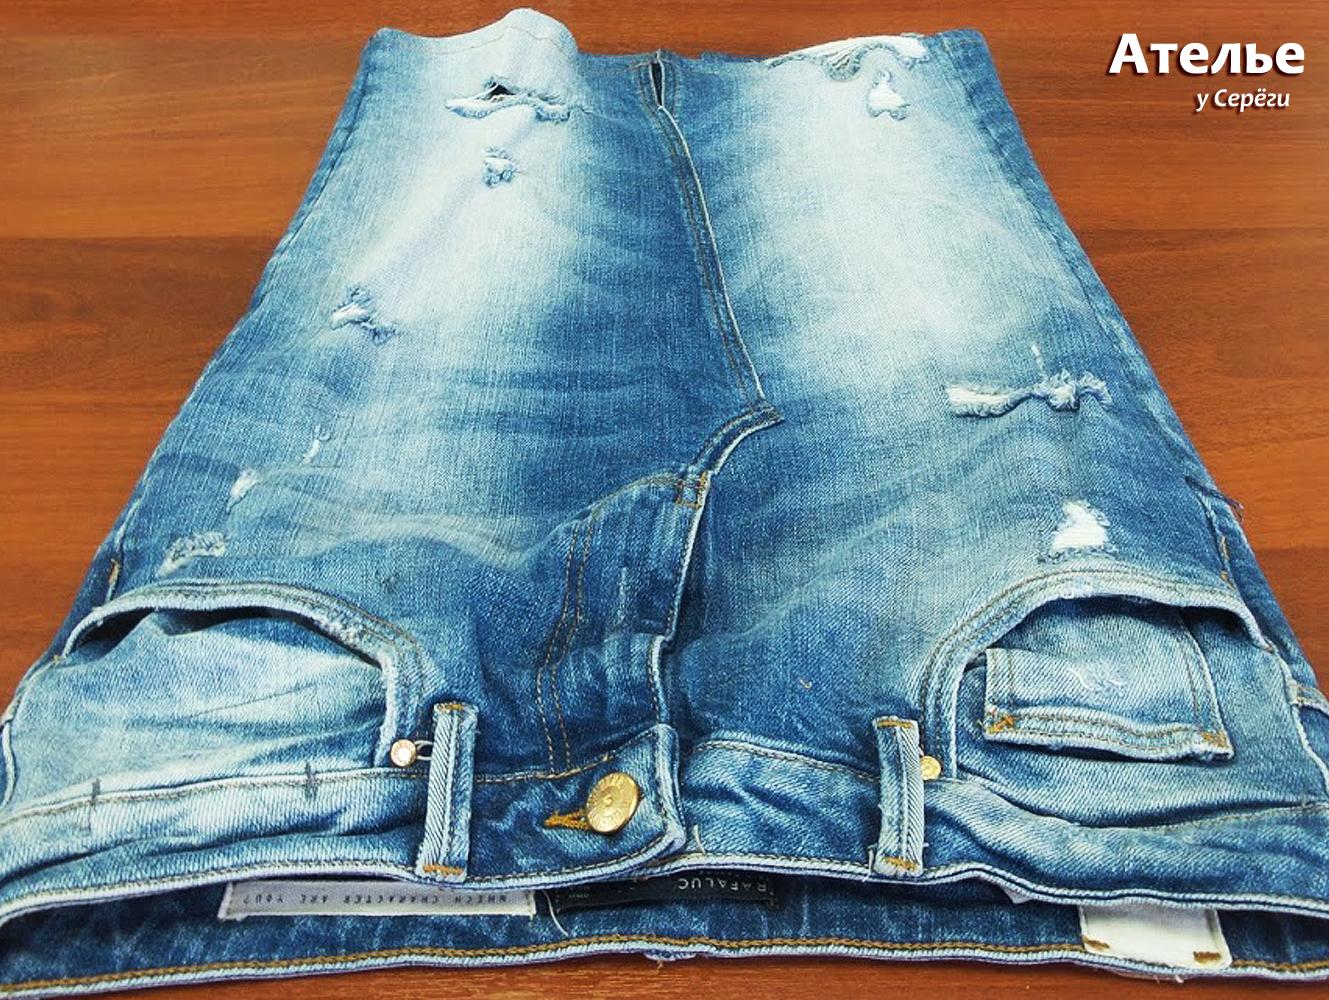 Юбка из джинсов - новая юбка.